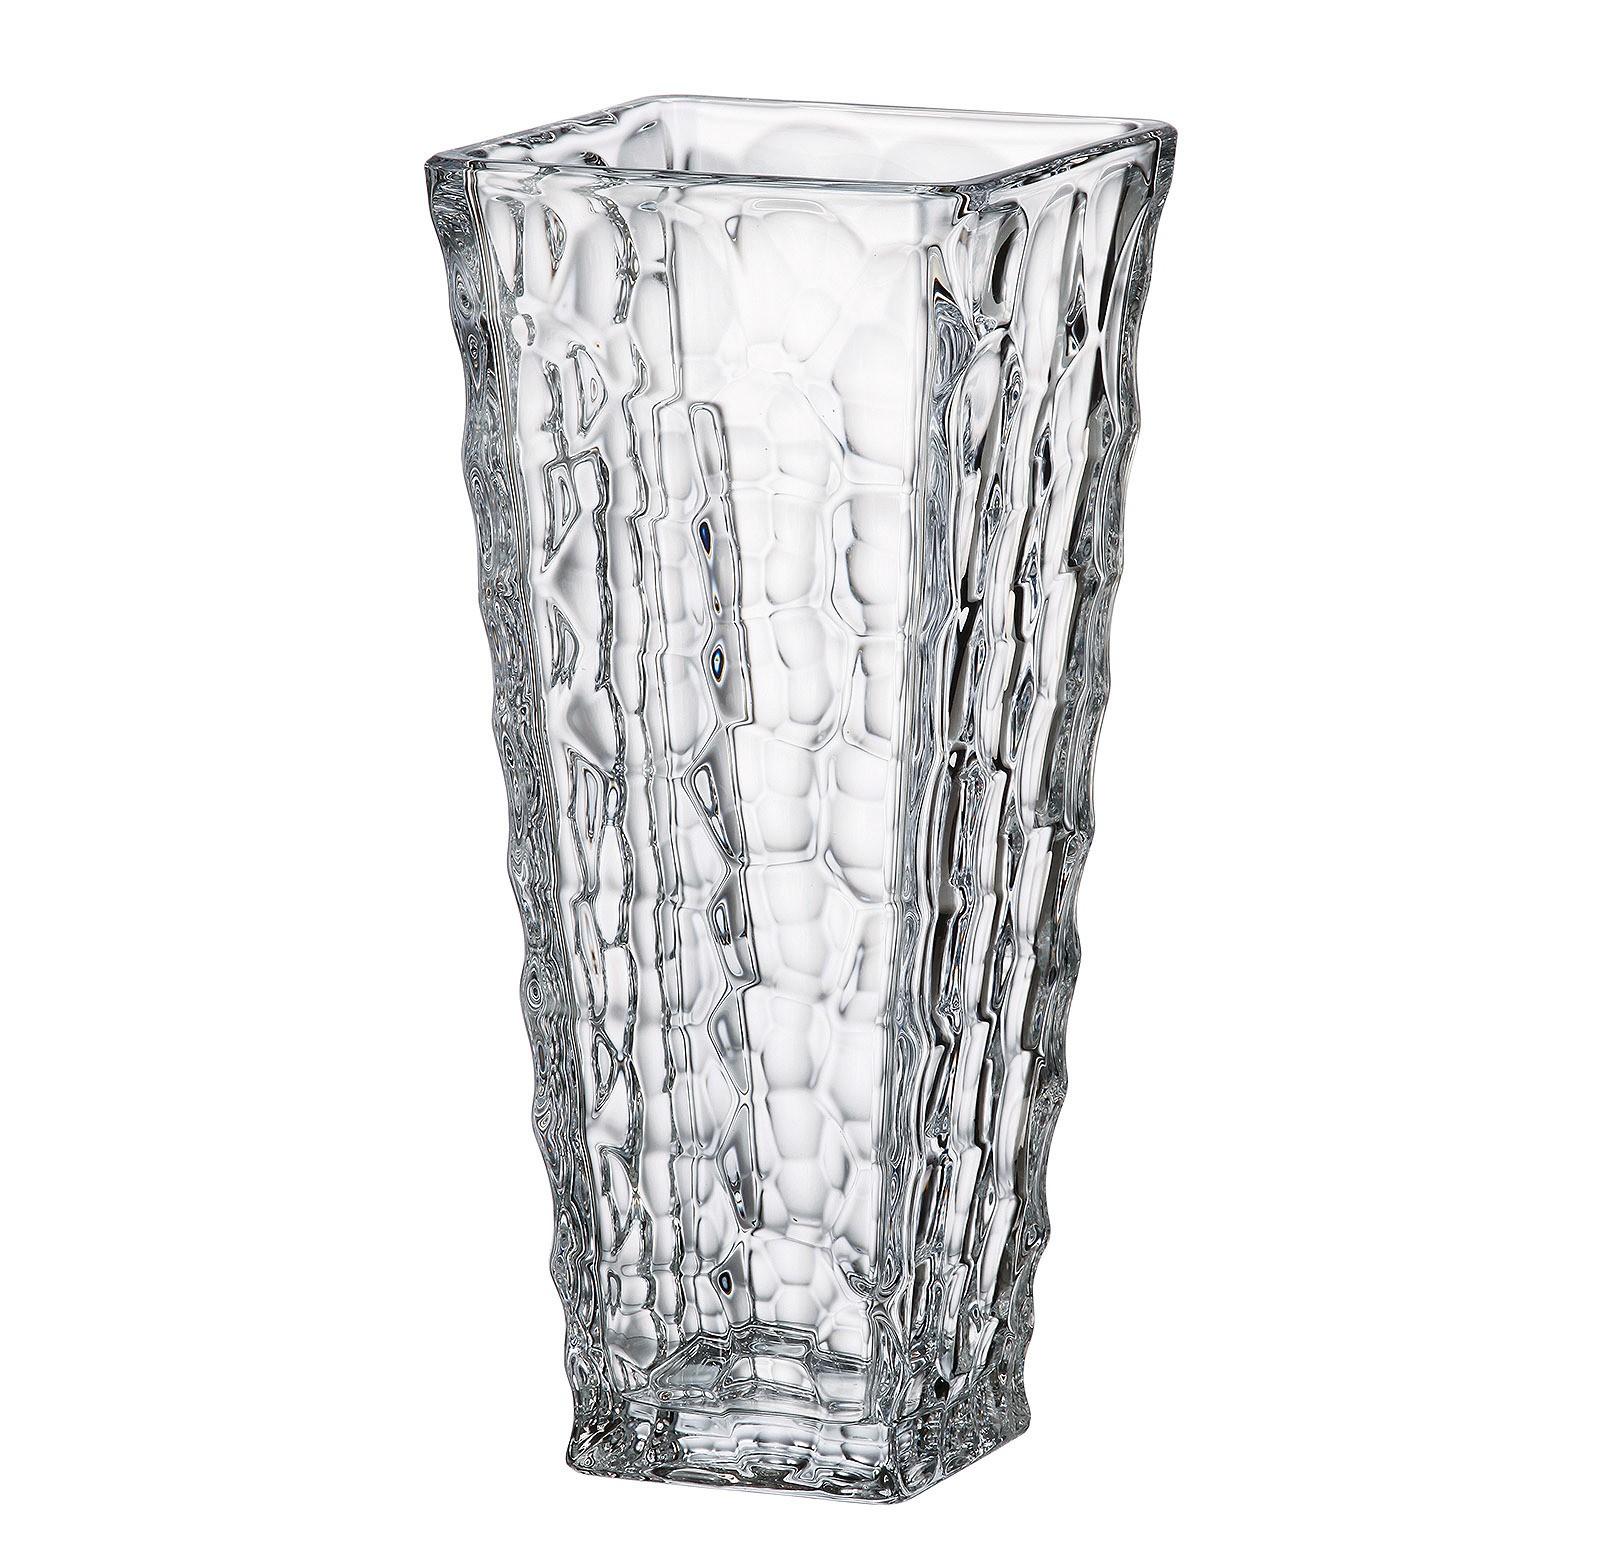 Ανθοδοχείο Κρυστάλλινο Marble 30.5cm Bohemia home   κρυσταλλα  διακοσμηση   κρύσταλλα